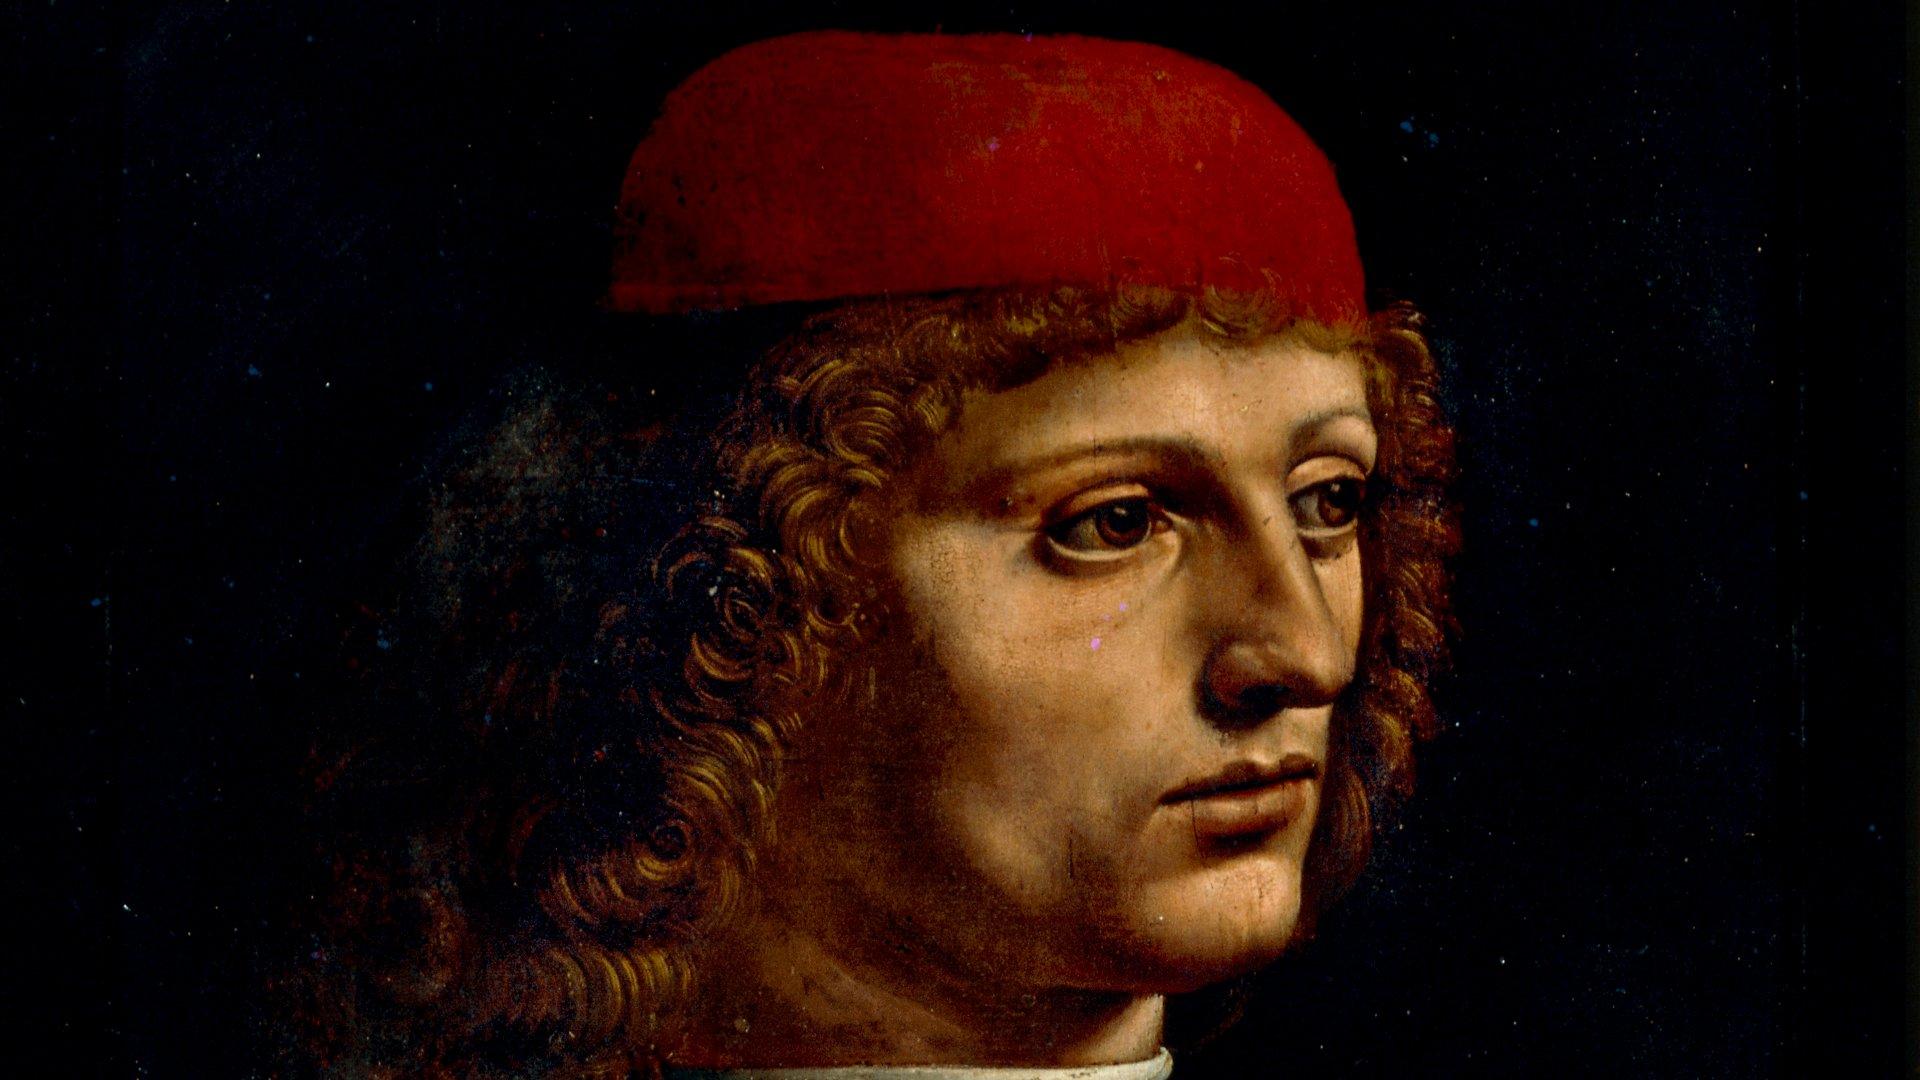 <p>Leonardo da Vinci<br /> <em>Ritratto di Musico</em>, dettaglio<br /> olio su tavola</p>